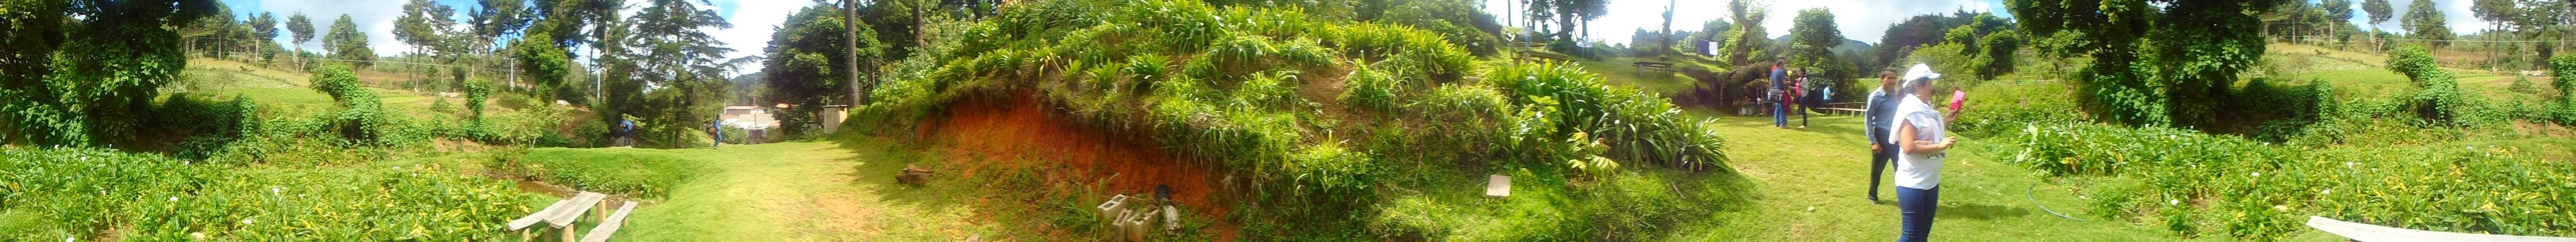 plantaciones ortalizas el pital (Custom)